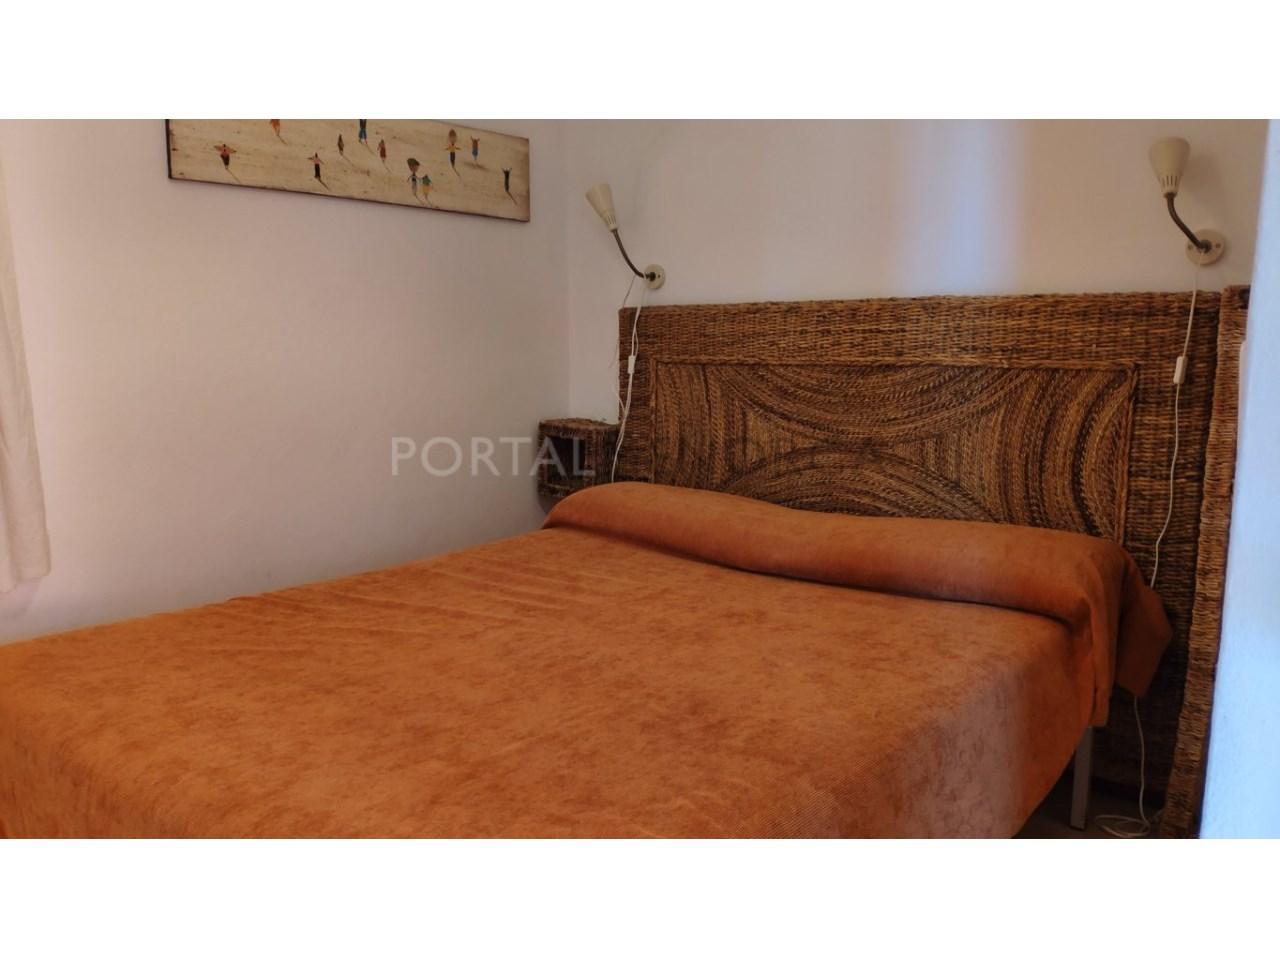 Chalet en venta en Cala Blanca Ciutadella - dormitorio 1